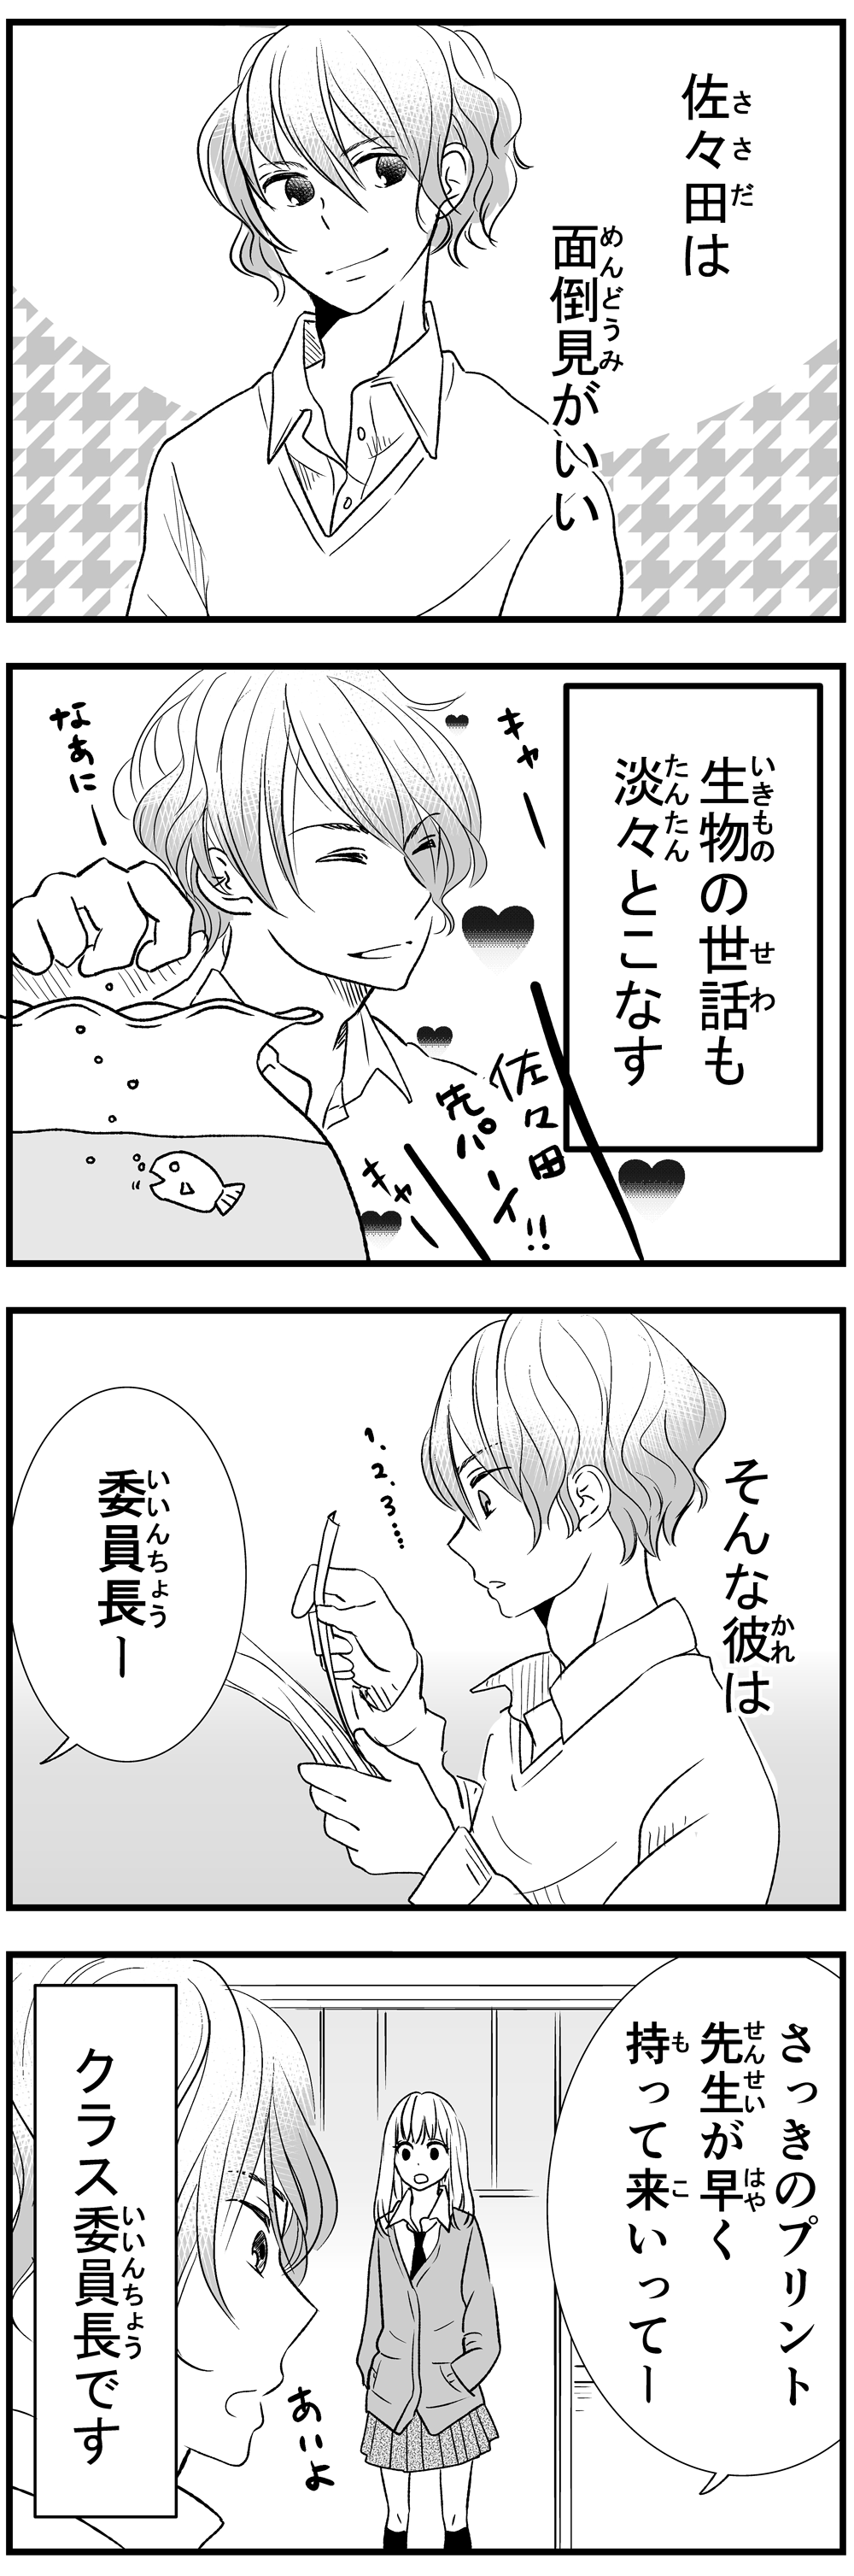 【イヌカノ】4-1